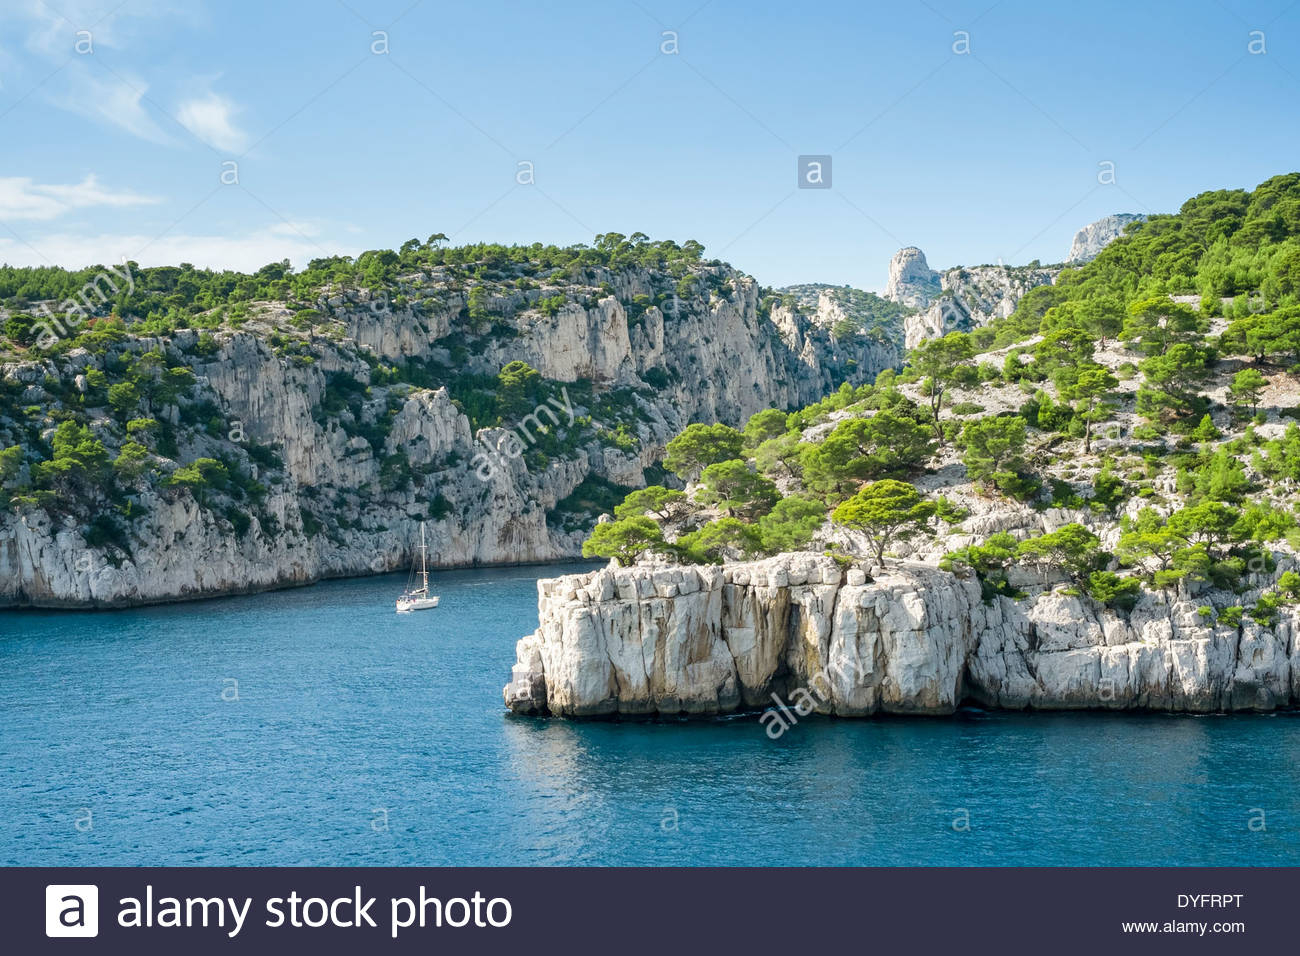 Entrance to Calanque de Port-Pin, Cassis, Bouches-du-Rhône, Provence-Alpes-Côte d'Azur, France Stock Photo